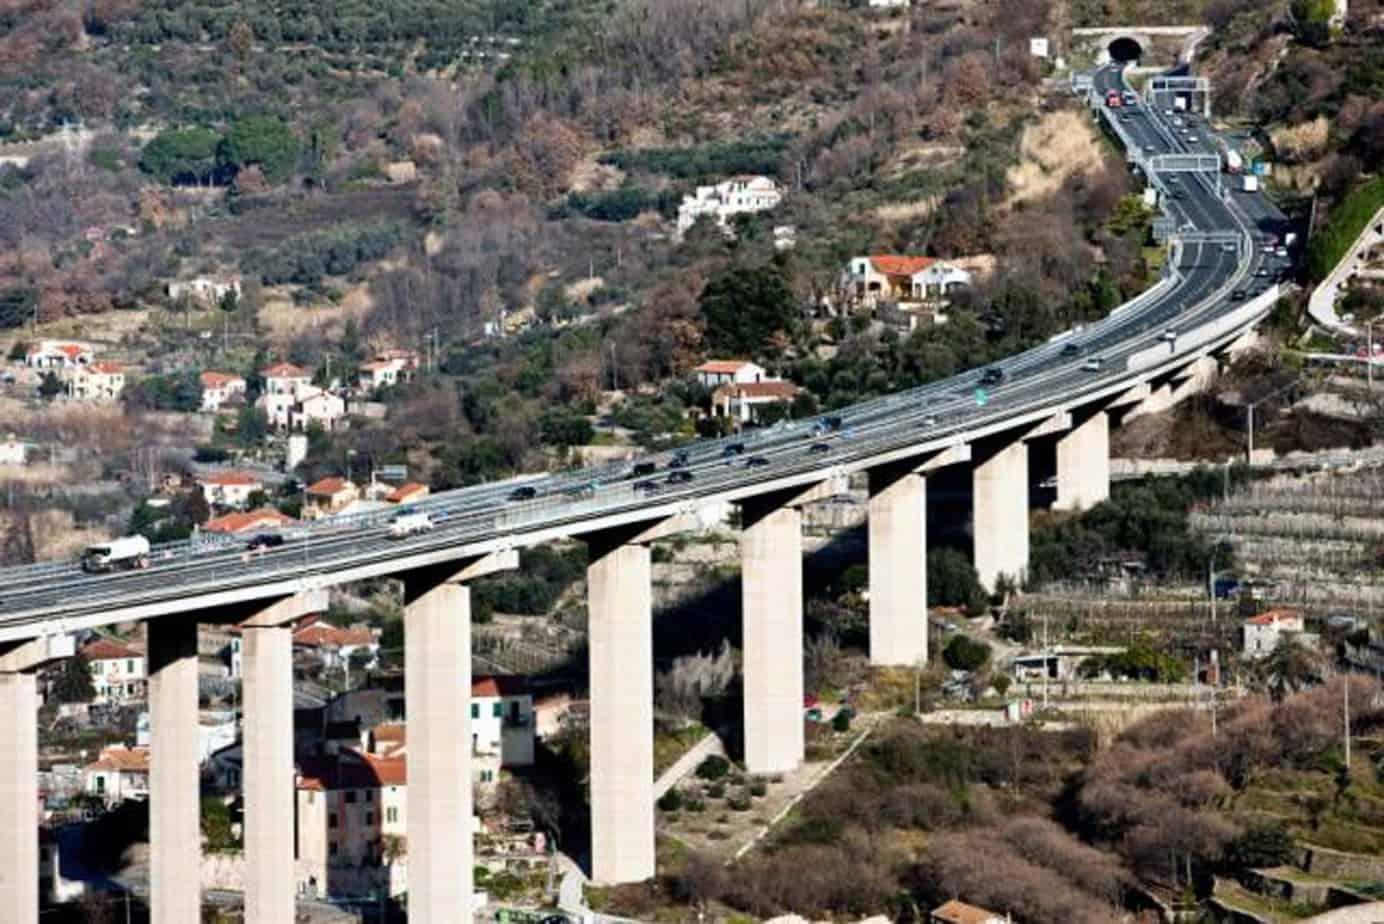 Ricerca e innovazione nell'ambito di Horizon 2020 si concentreranno su settori chiave per sfruttare le prestazioni delle infrastrutture, favorendo il design intelligente, la costruzione e la manutenzione, nonché lo sviluppo efficiente delle risorse per infrastrutture di trasporto più intelligenti e più sicure